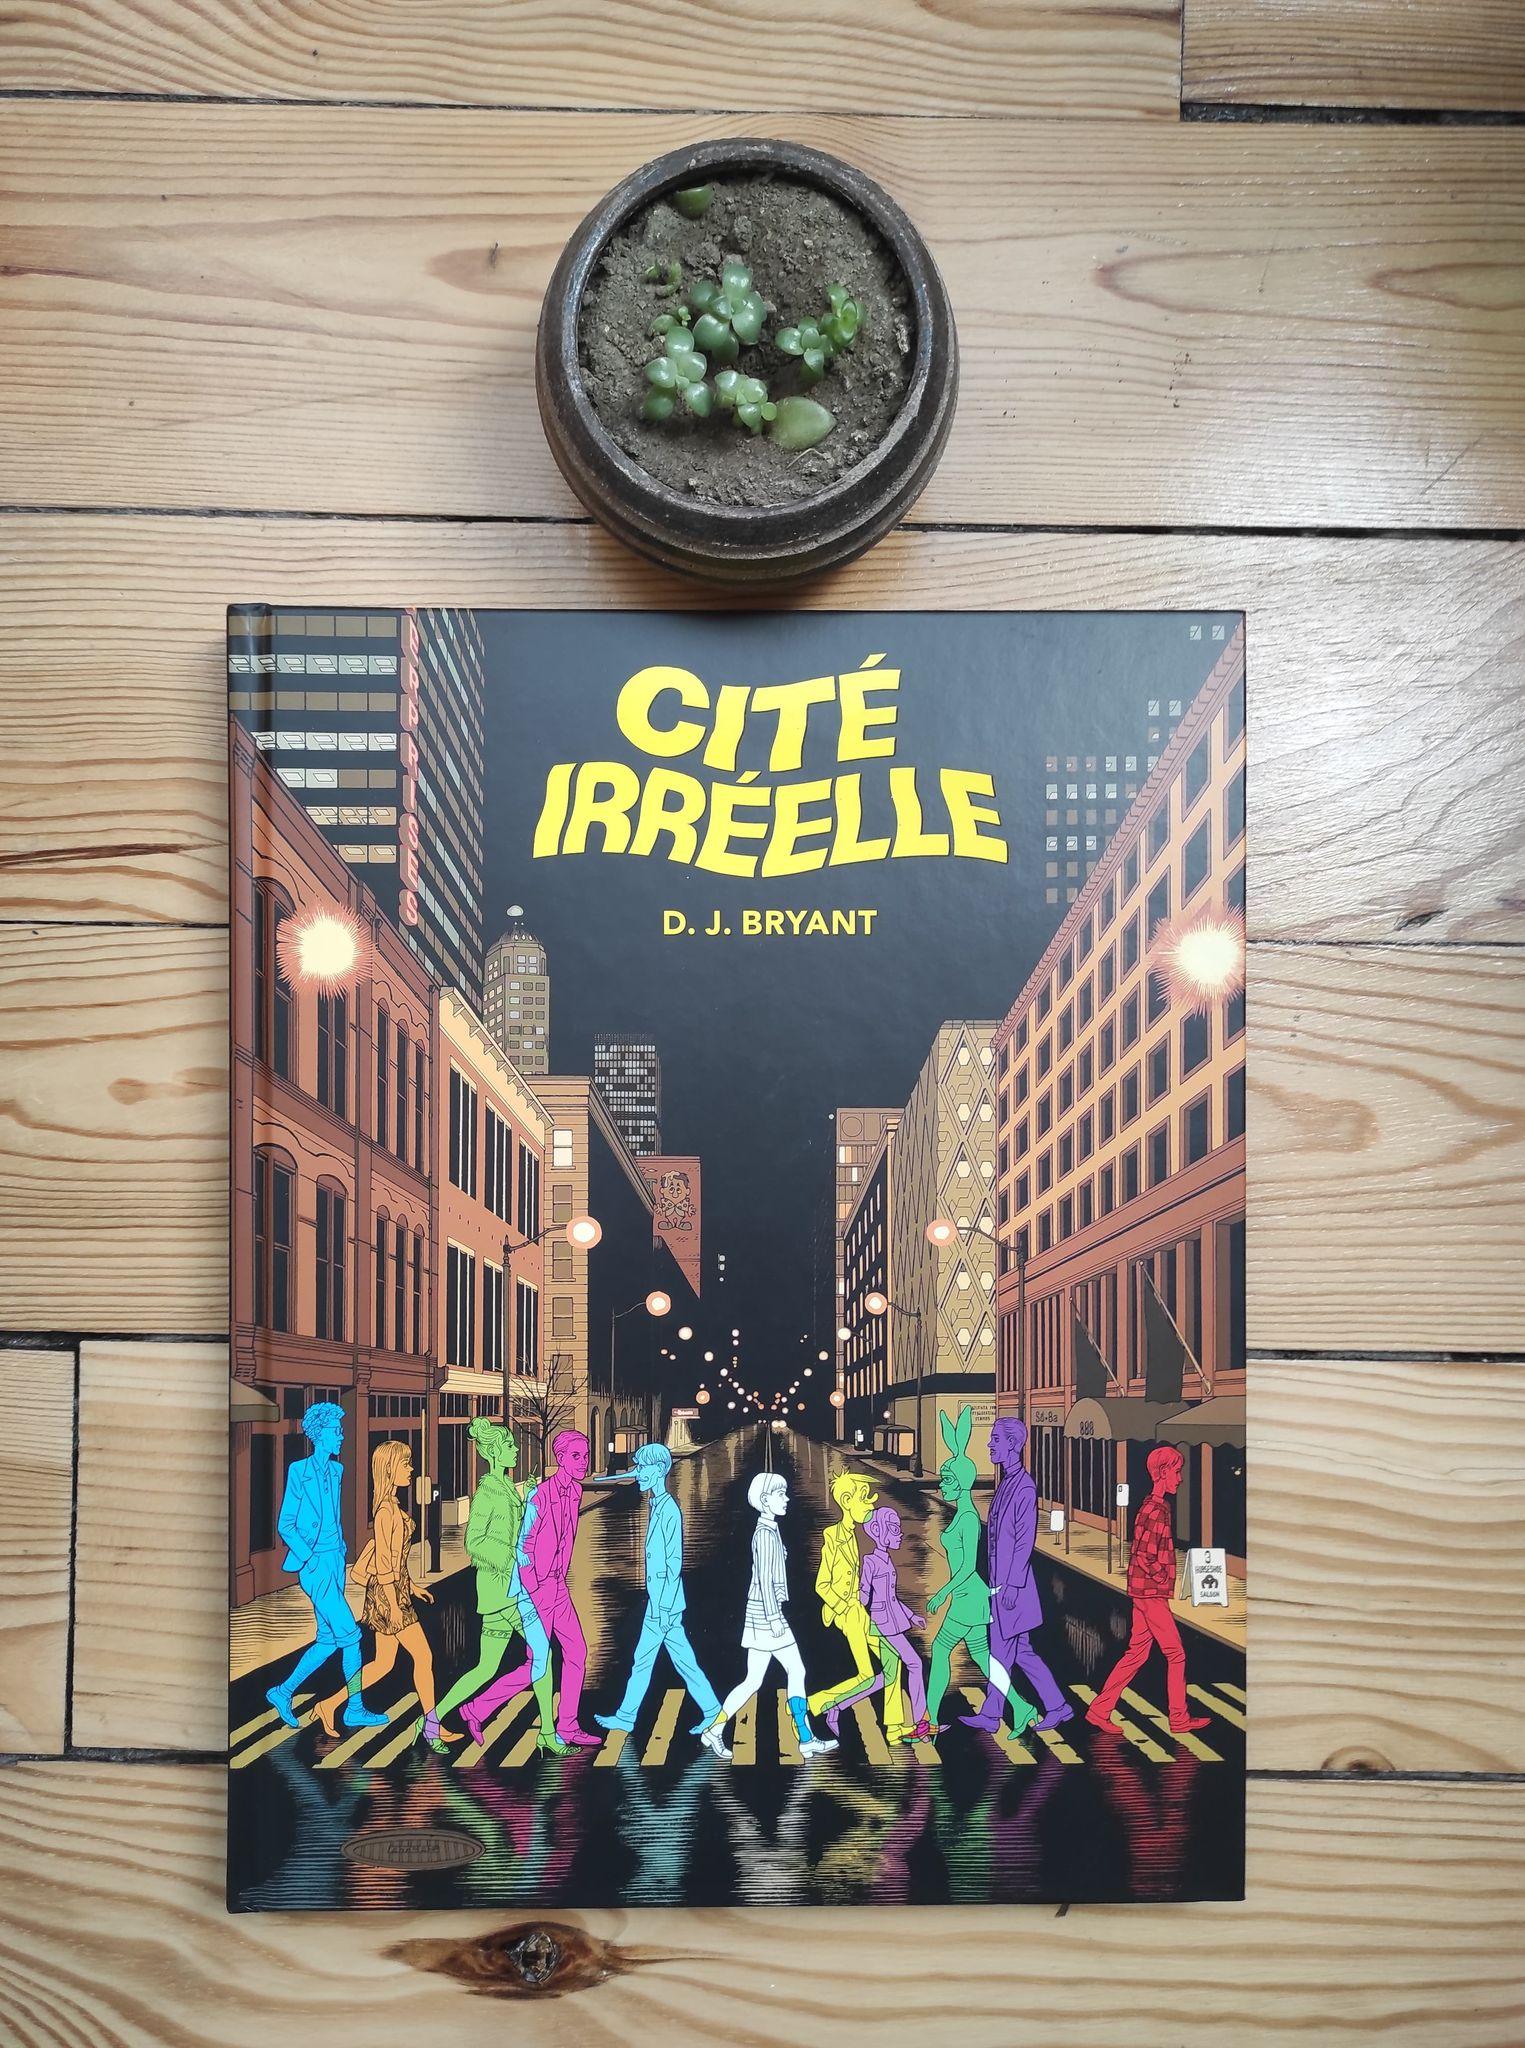 Cité Iréel bande dessinée édition Tanibi et une plante verte